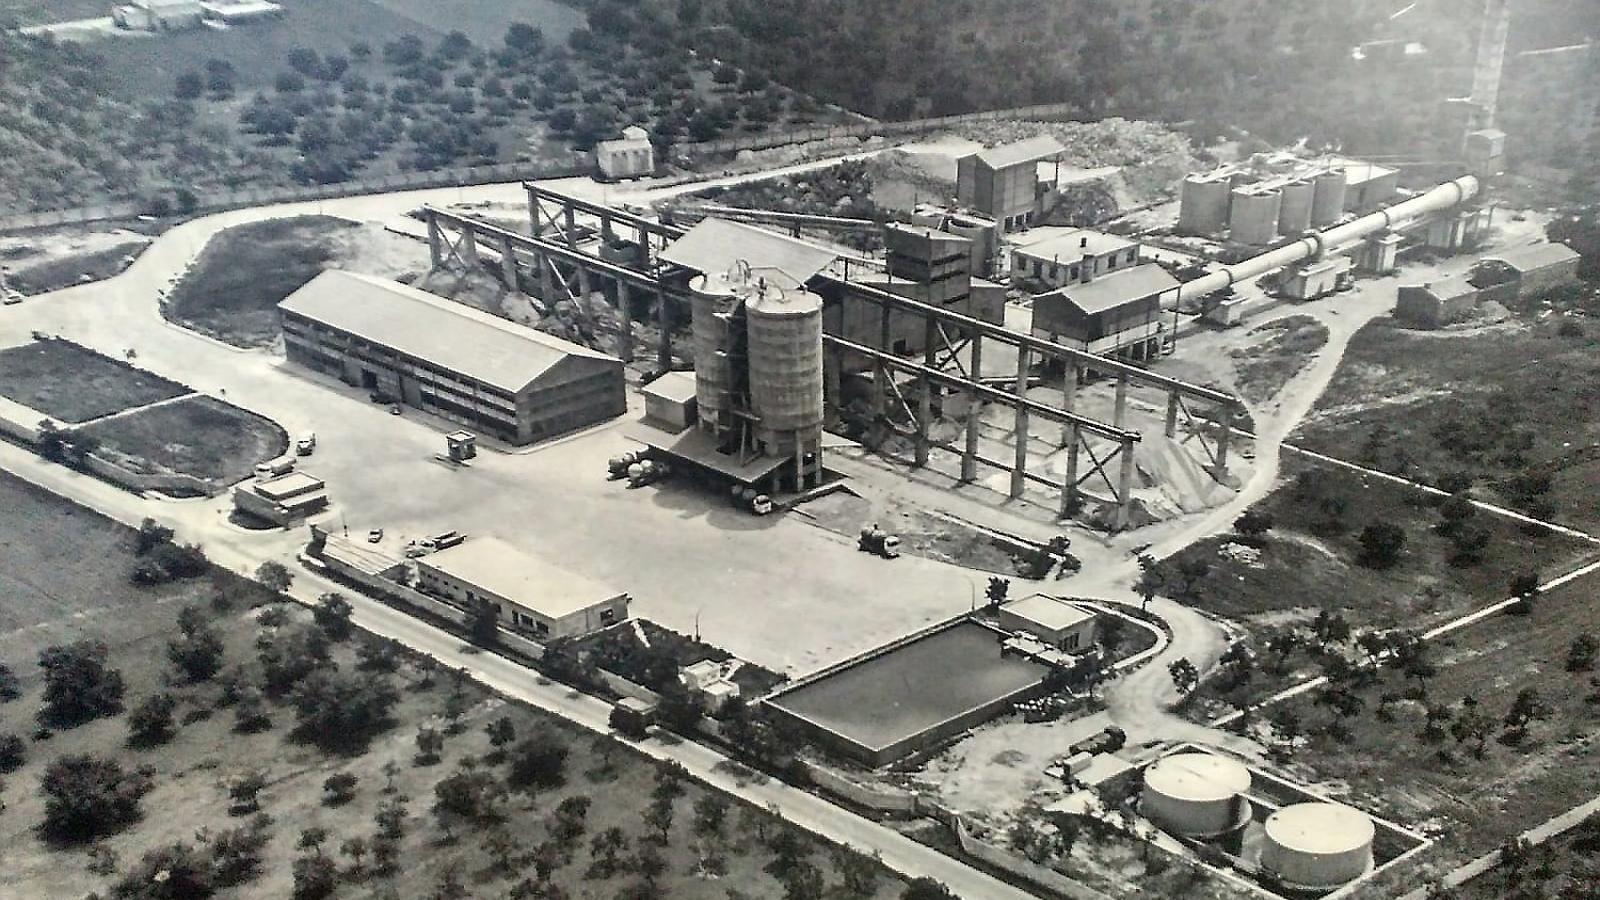 Vista aèria de la fàbrica de ciment de Lloseta de l'any 1968, dos anys després de la seva inauguració. Paco Candel (57 anys) és el treballador més veterà de Cemex. Ha treballat 17 anys al laboratori de la fàbrica.  Vicenç Villalonga és el portaveu del comitè de treballadors de la fàbrica de ciment Cemex.